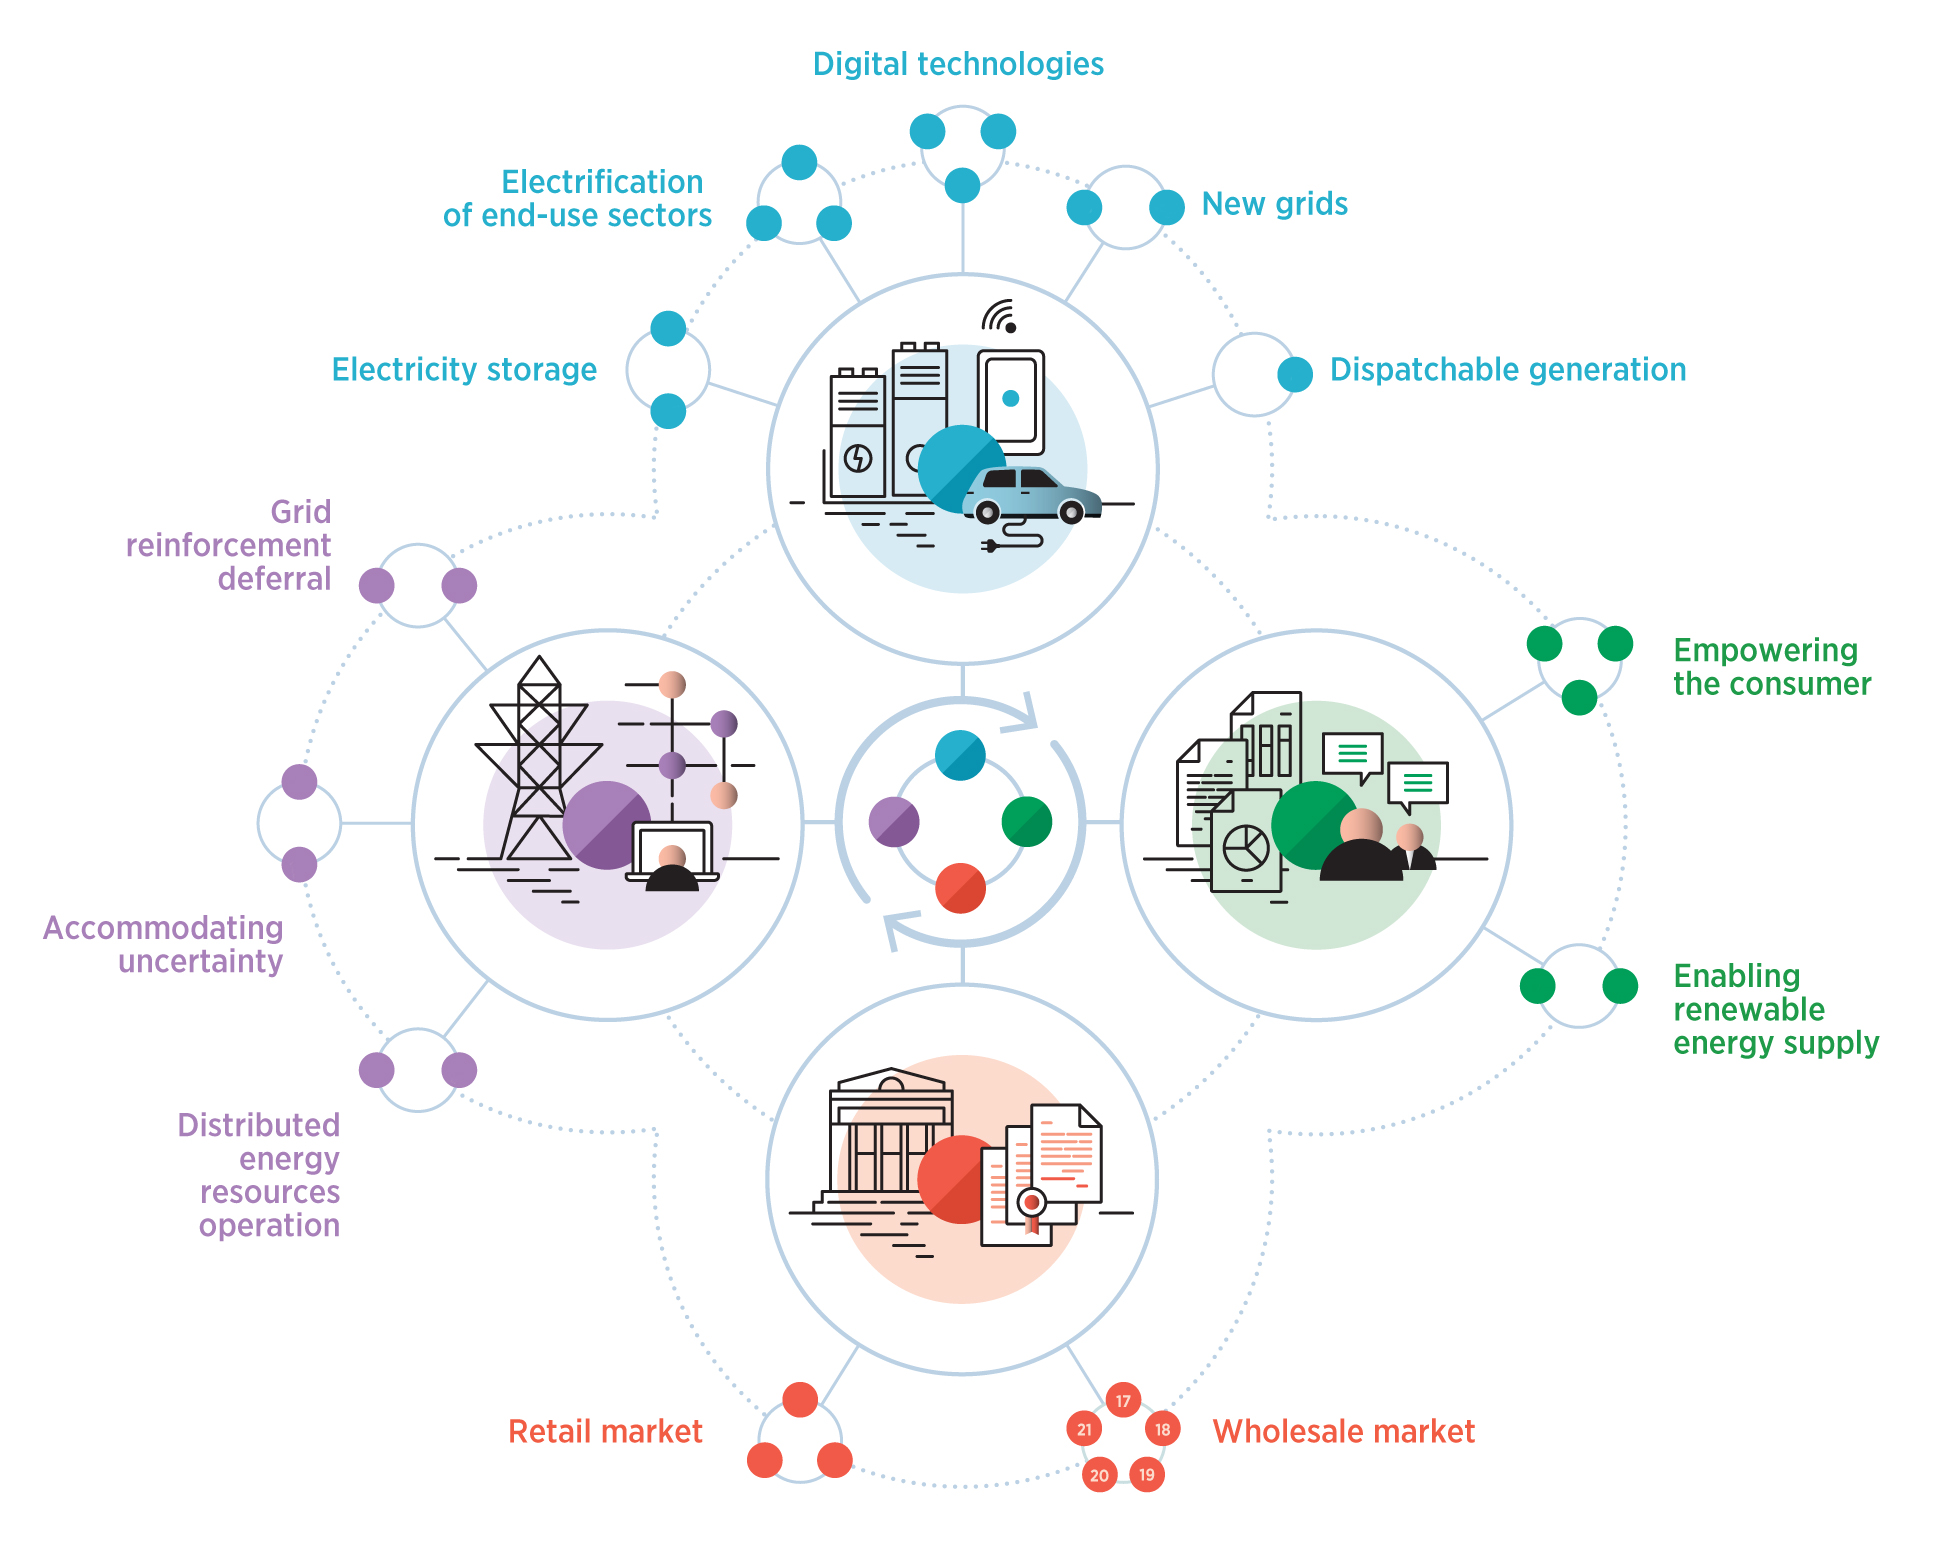 Рис. 3. «Інноваційний ландшафт» змін у системній інтеграції для збільшення частки ВДЕ в енергетиці. Джерело: IRENA – «Innovation landscape for a renewable-powered future», лютий 2019.